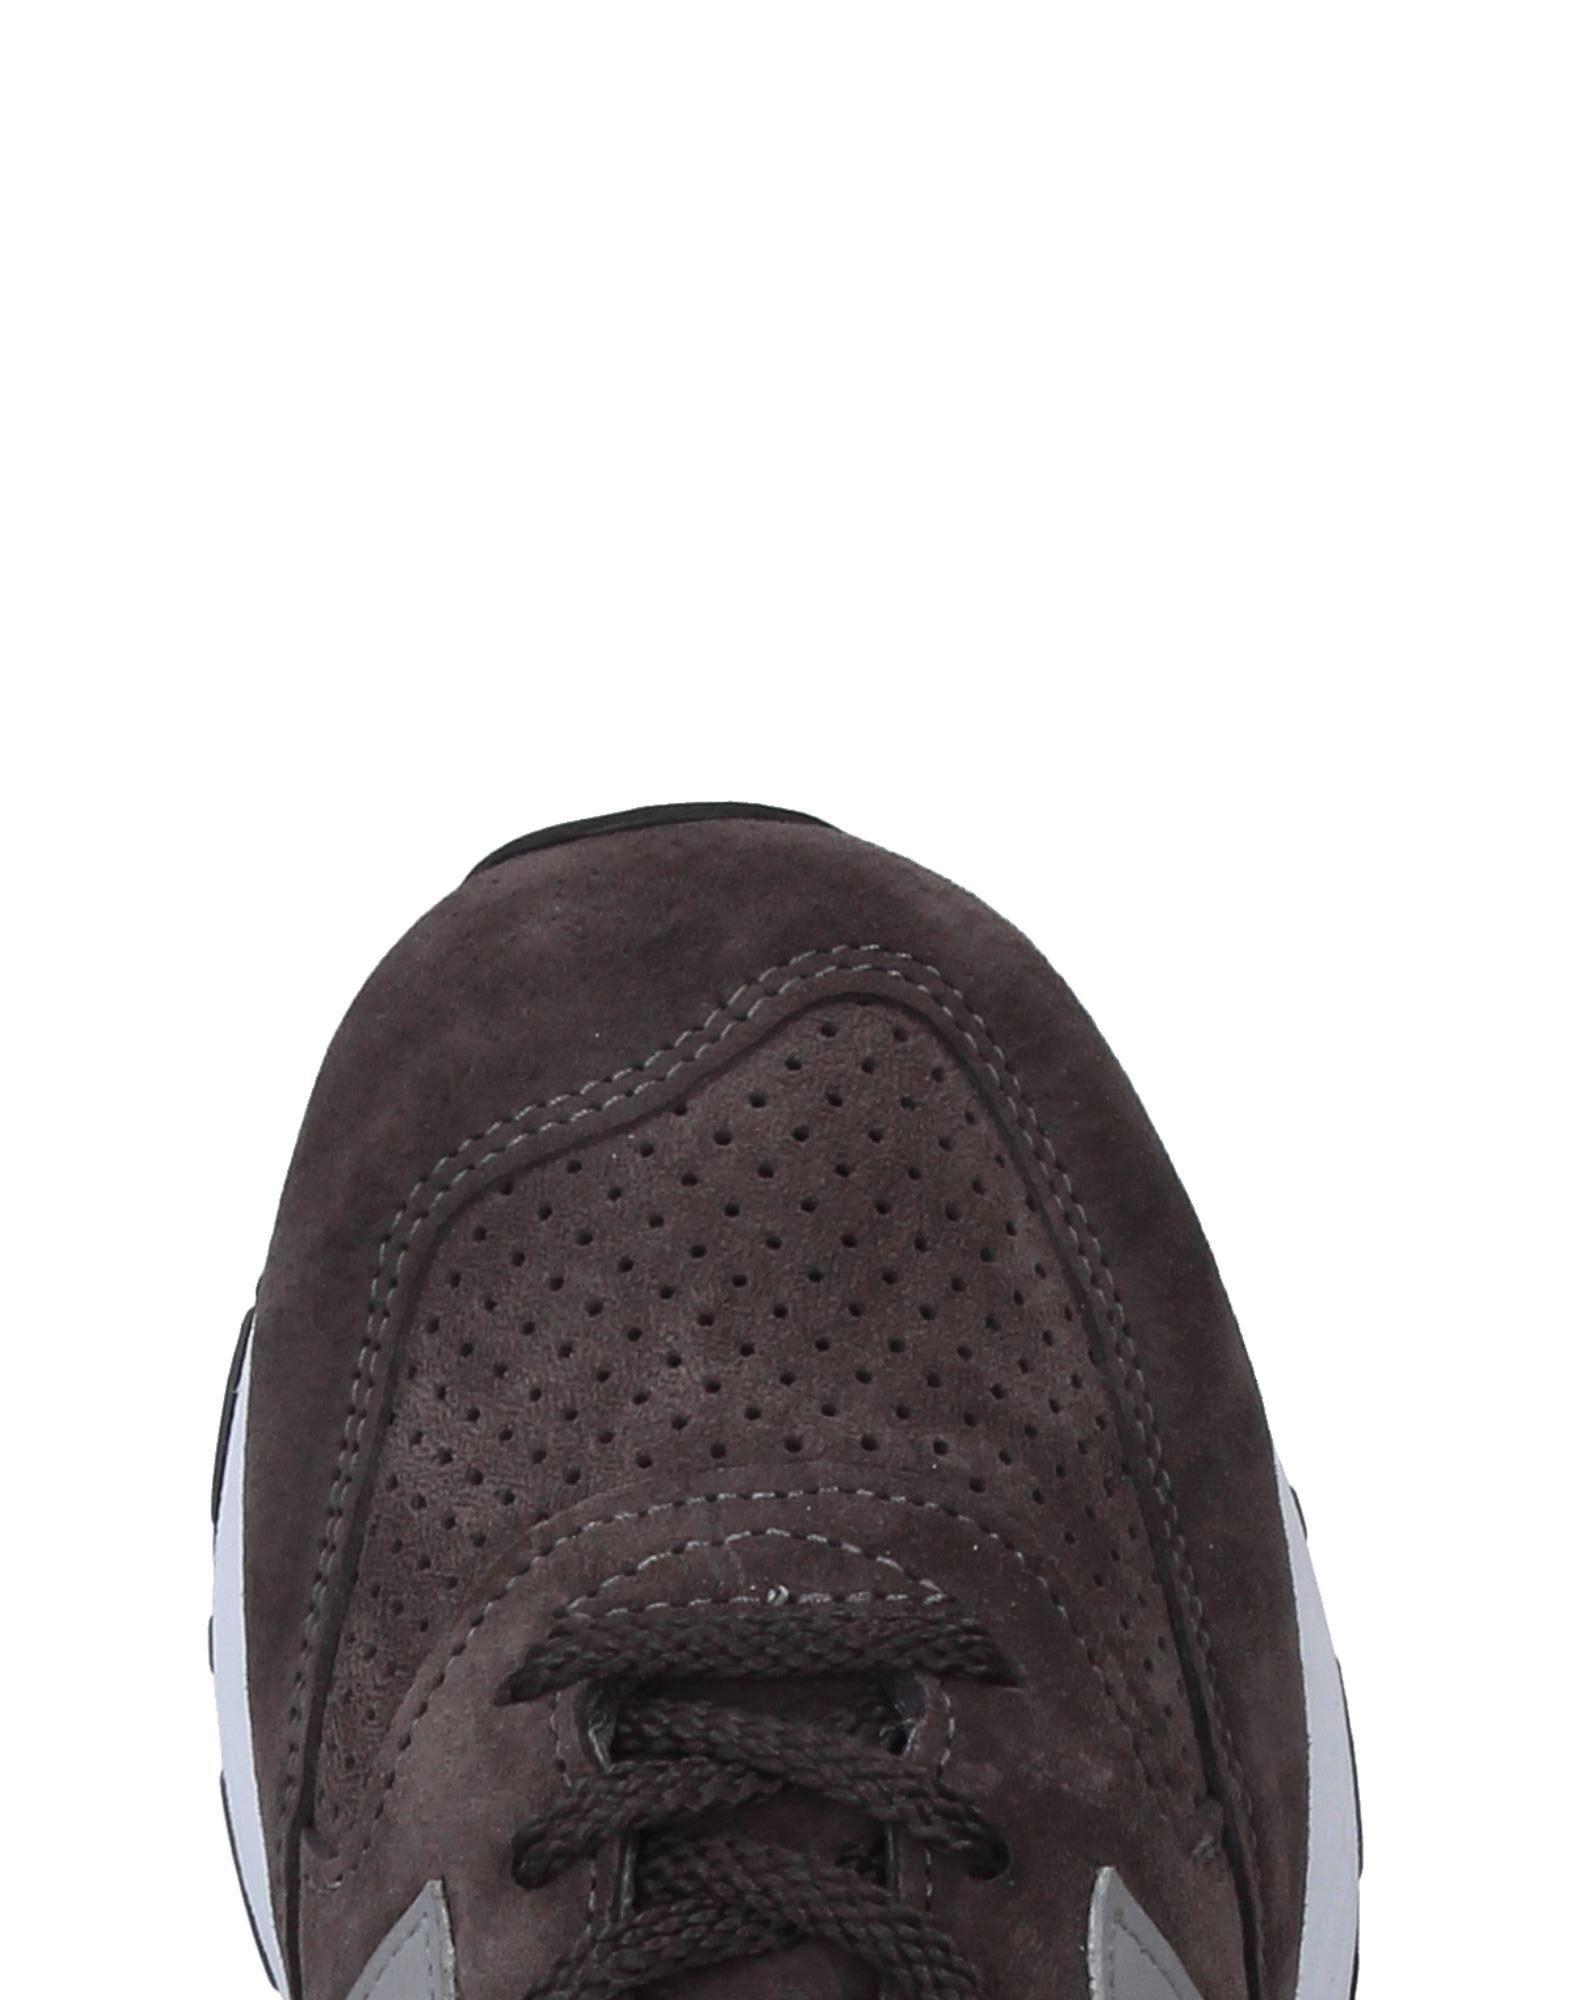 New Balance Sneakers Damen  Schuhe 11239086WK Gute Qualität beliebte Schuhe  617e48